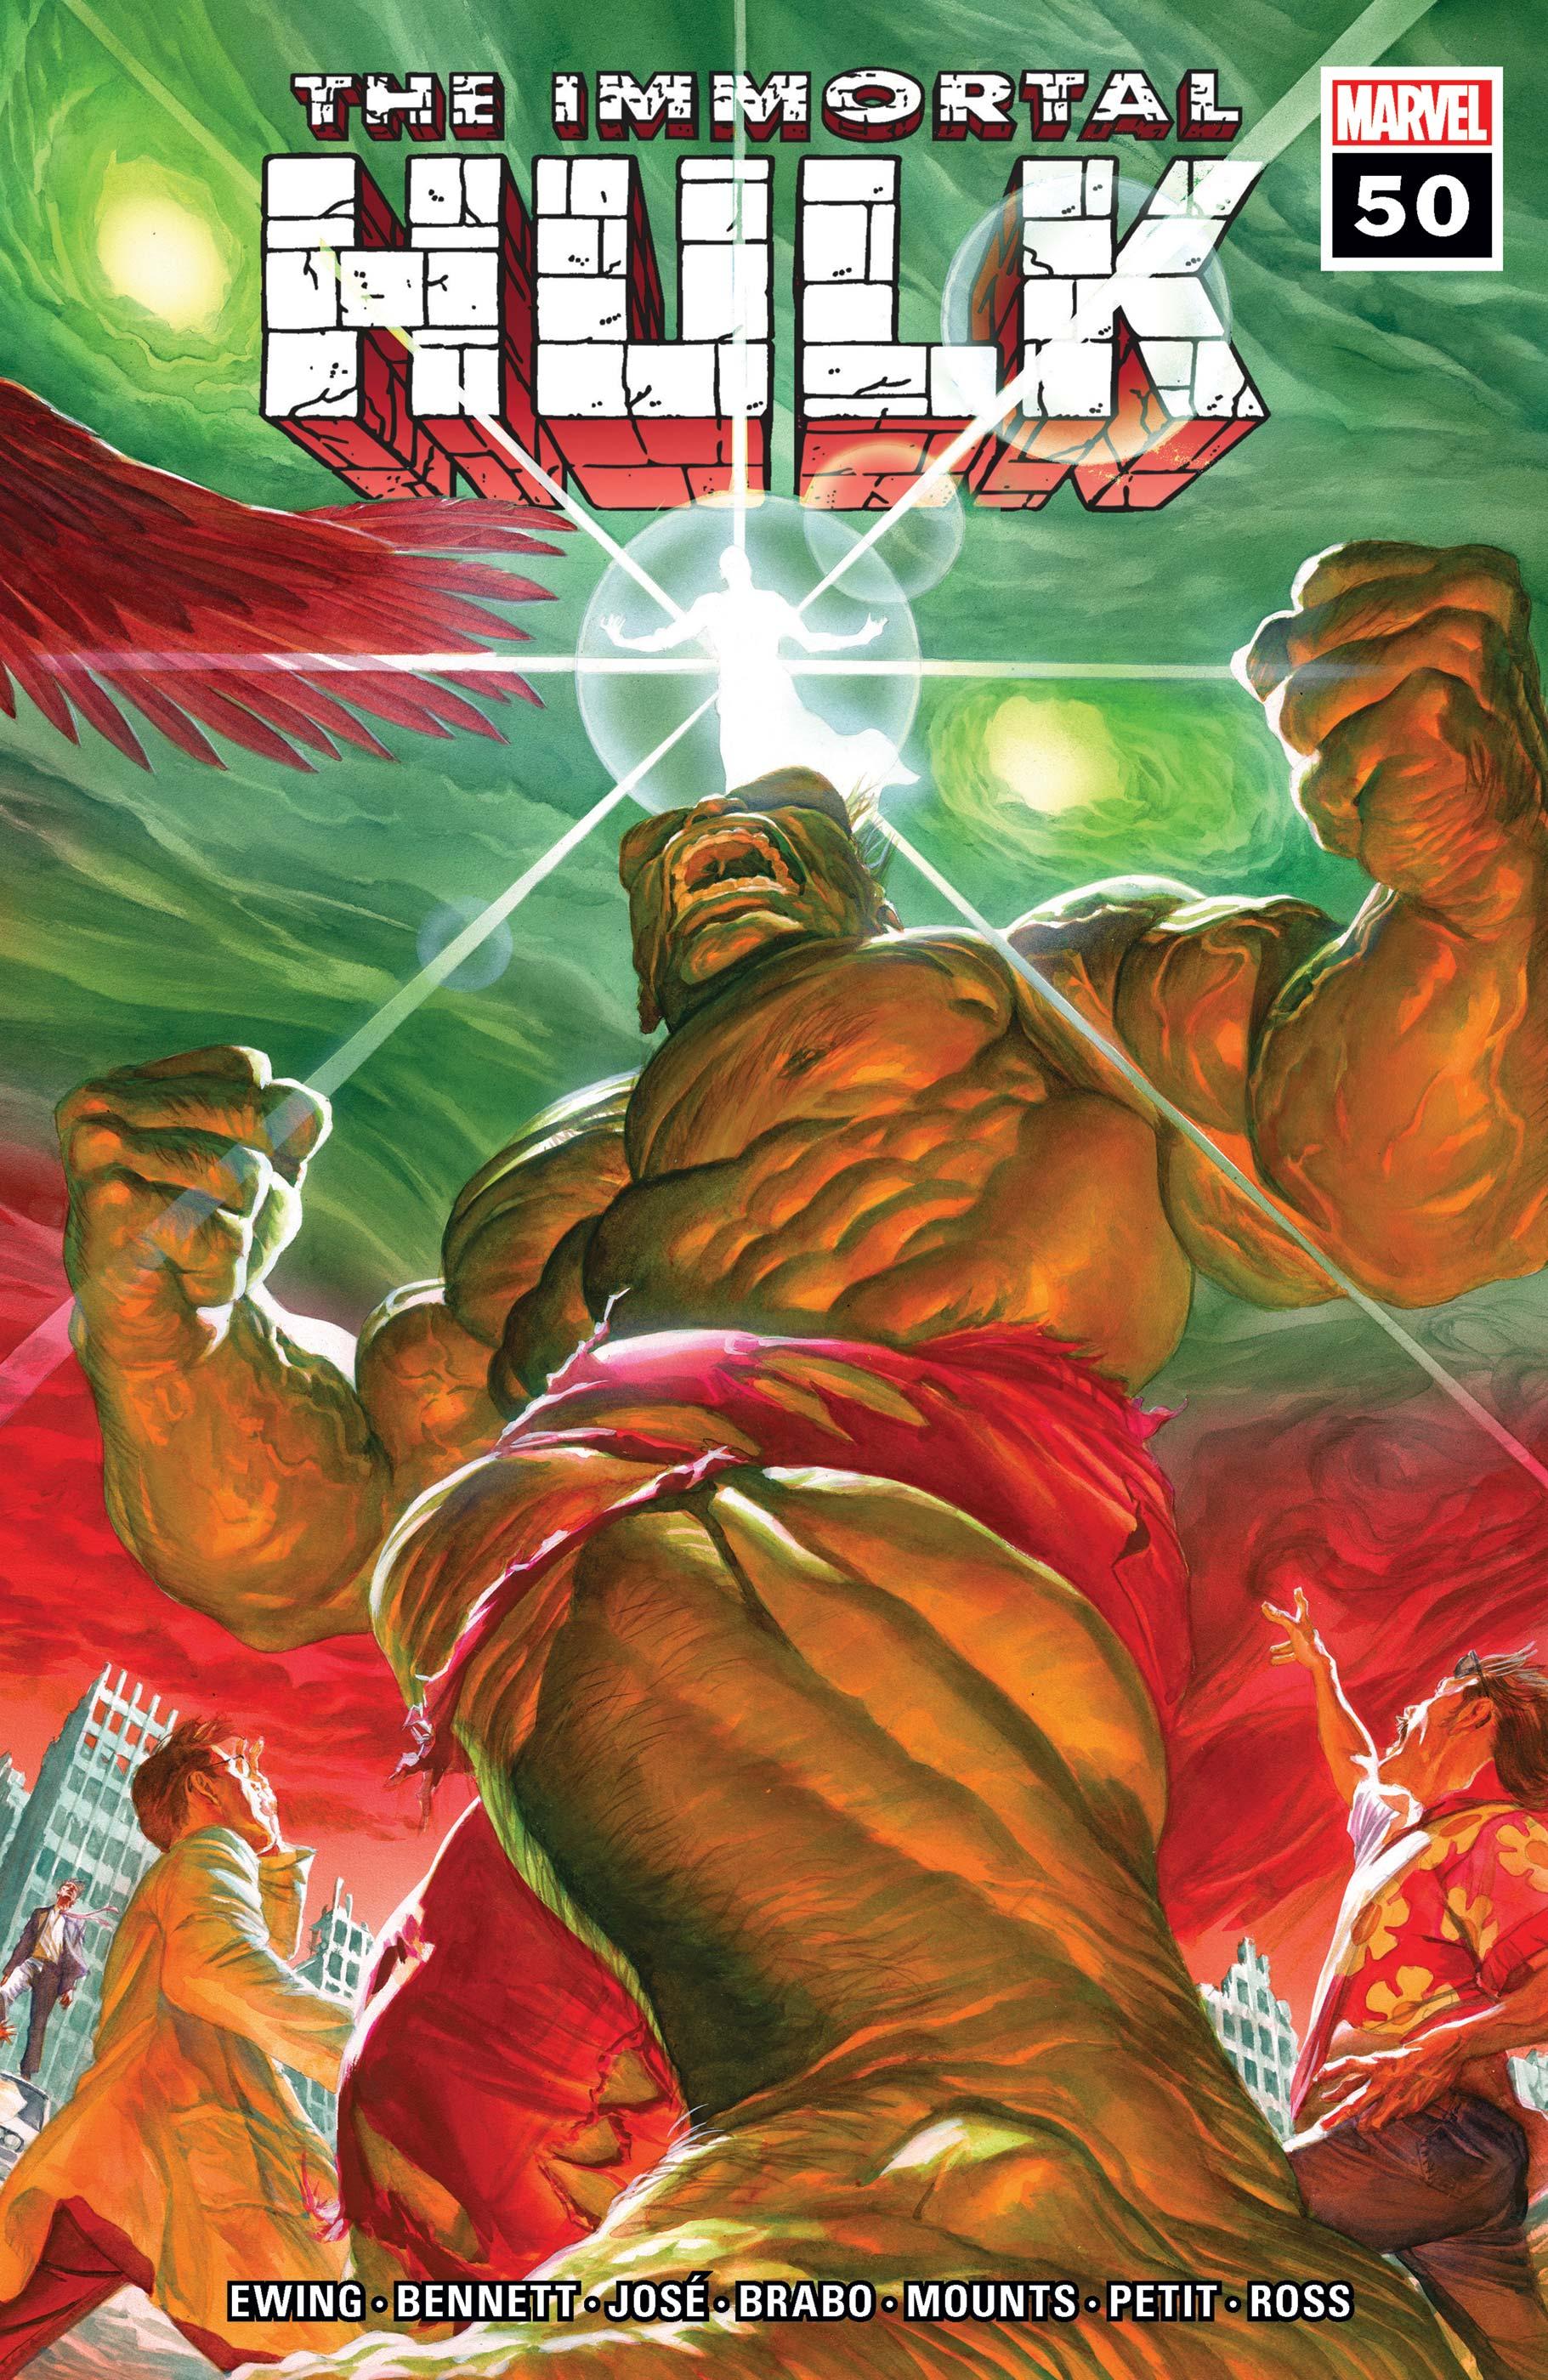 Immortal Hulk (2018) #50